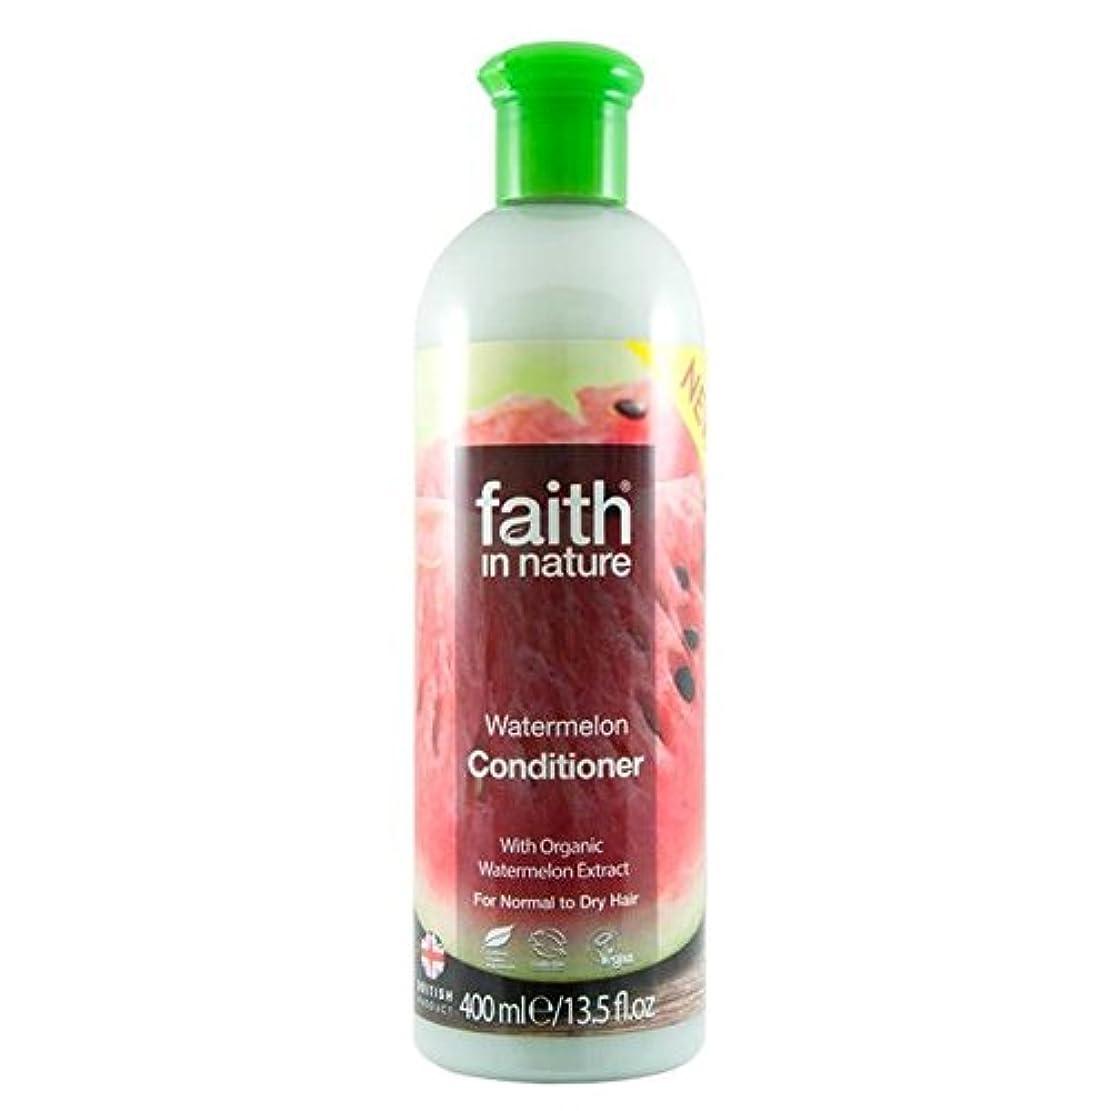 イブニング典型的なヒロインFaith in Nature Watermelon Conditioner 400ml (Pack of 4) - (Faith In Nature) 自然スイカコンディショナー400ミリリットルの信仰 (x4) [並行輸入品]